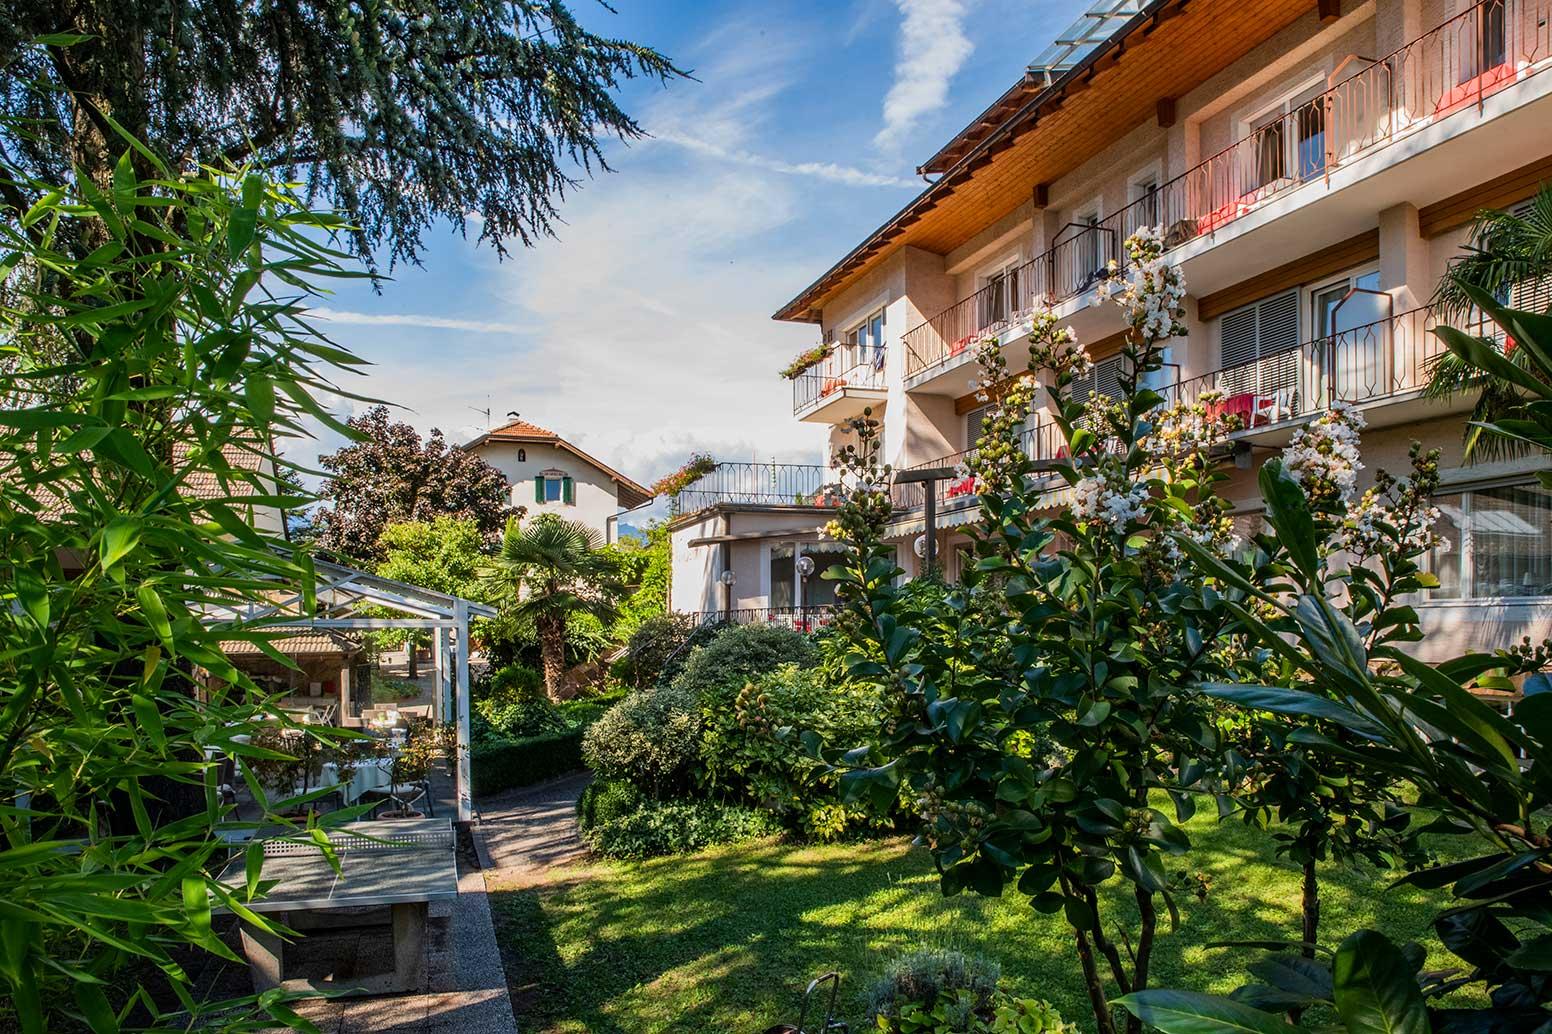 hotel-Weingarten-garten-blumen